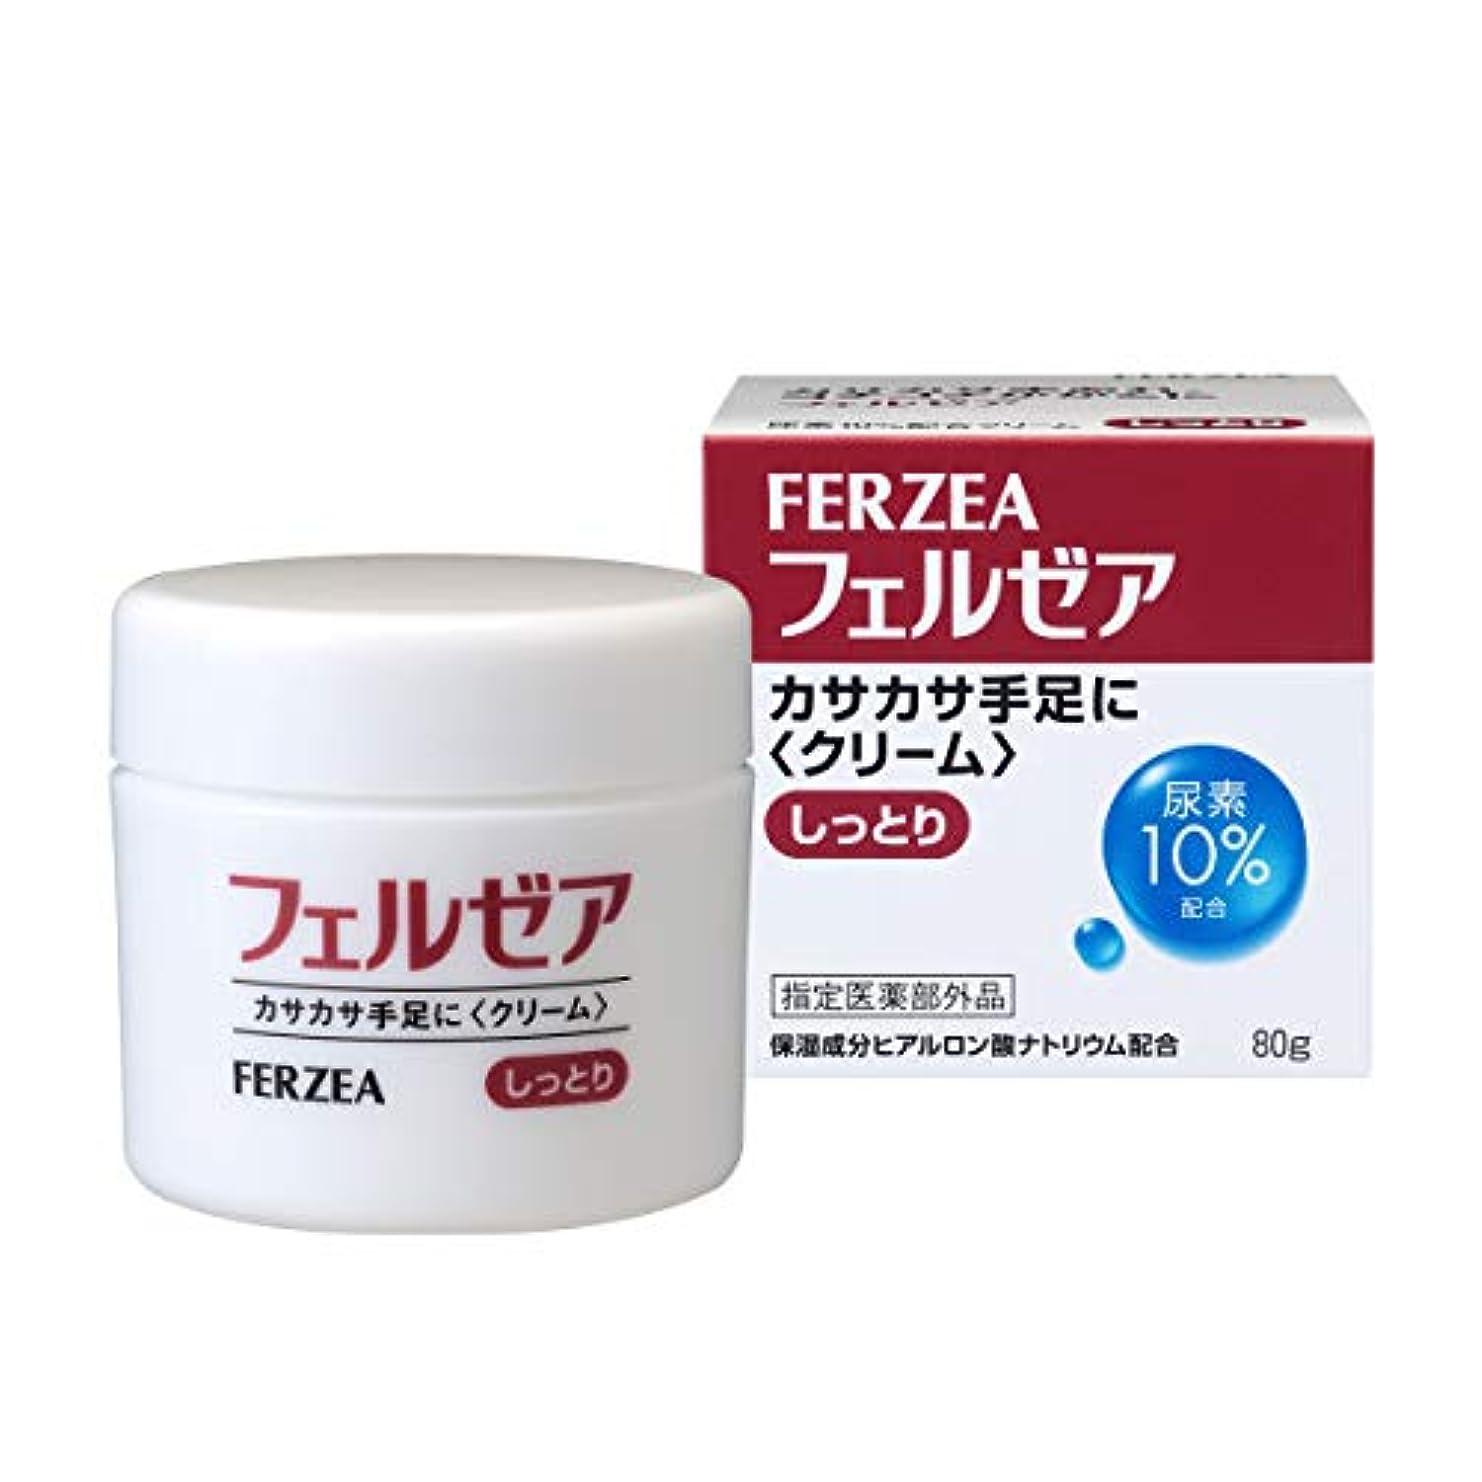 太鼓腹困った[指定医薬部外品]フェルゼア クリームM 尿素10%配合 80g